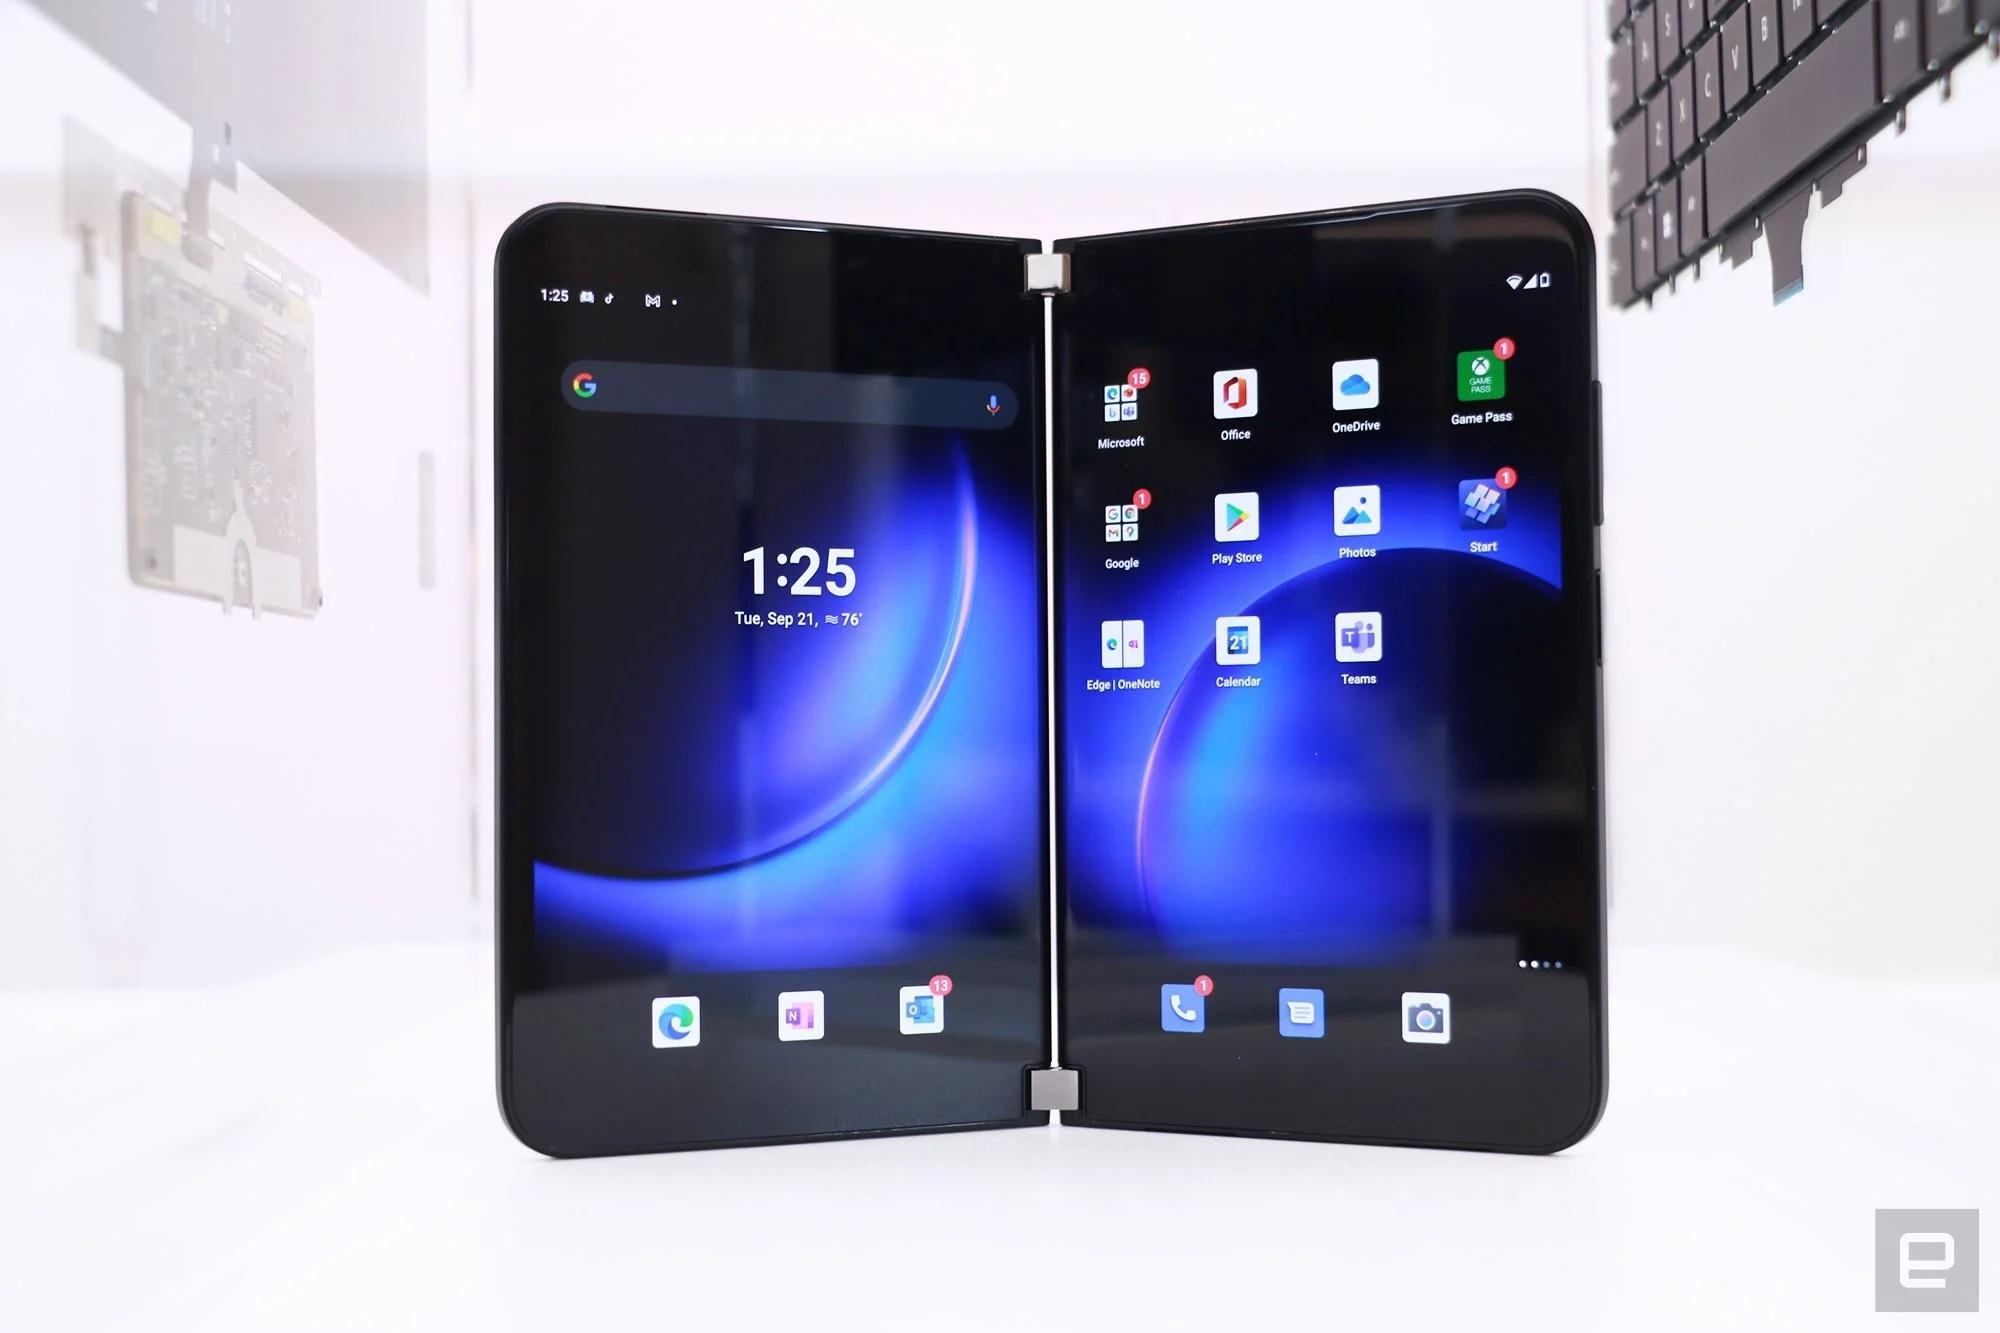 Cận cảnh Surface Duo 2 - Smartphone 2 màn hình giá 1.500 USD của Microsoft - Ảnh 1.